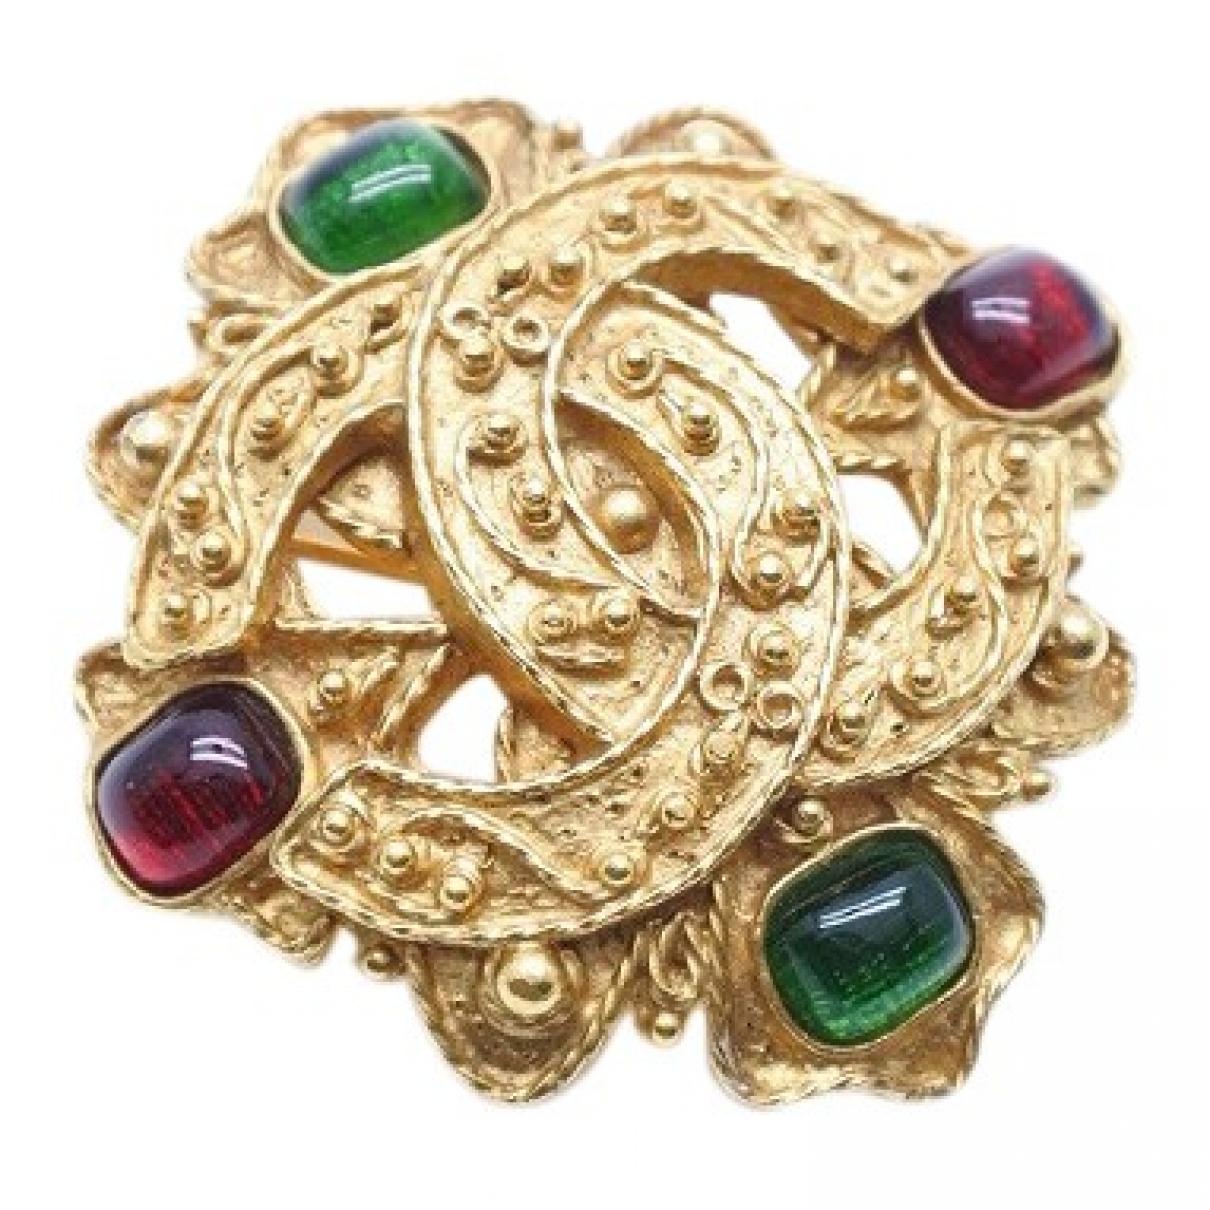 Broche Baroque en Chapado en oro Dorado Chanel